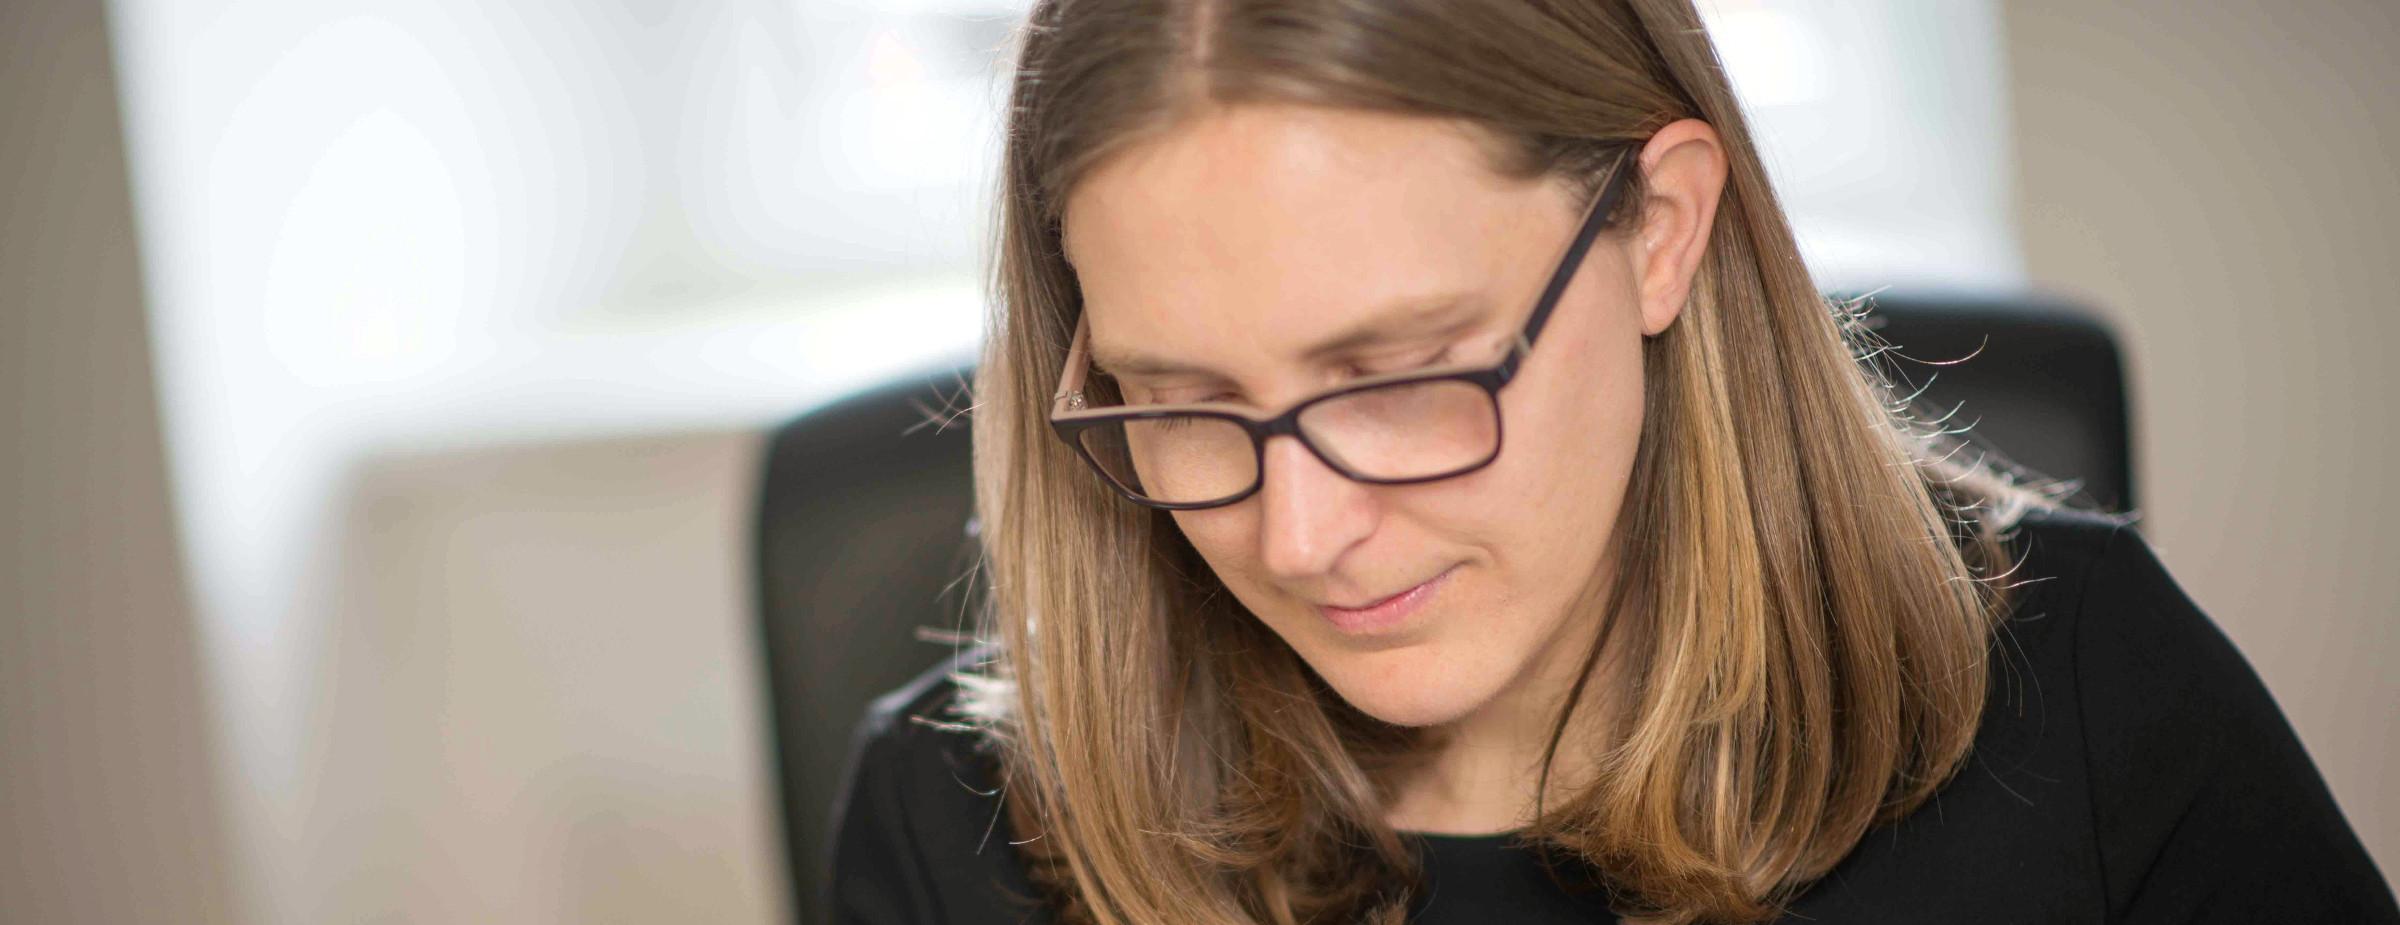 Rechtsanwalt Innsbruck, Mag. Anna Spiegl. Rechtsanwaltskanzlei für Arbeitsrecht Innsbruck - Mag. Anna Spiegl, BA.